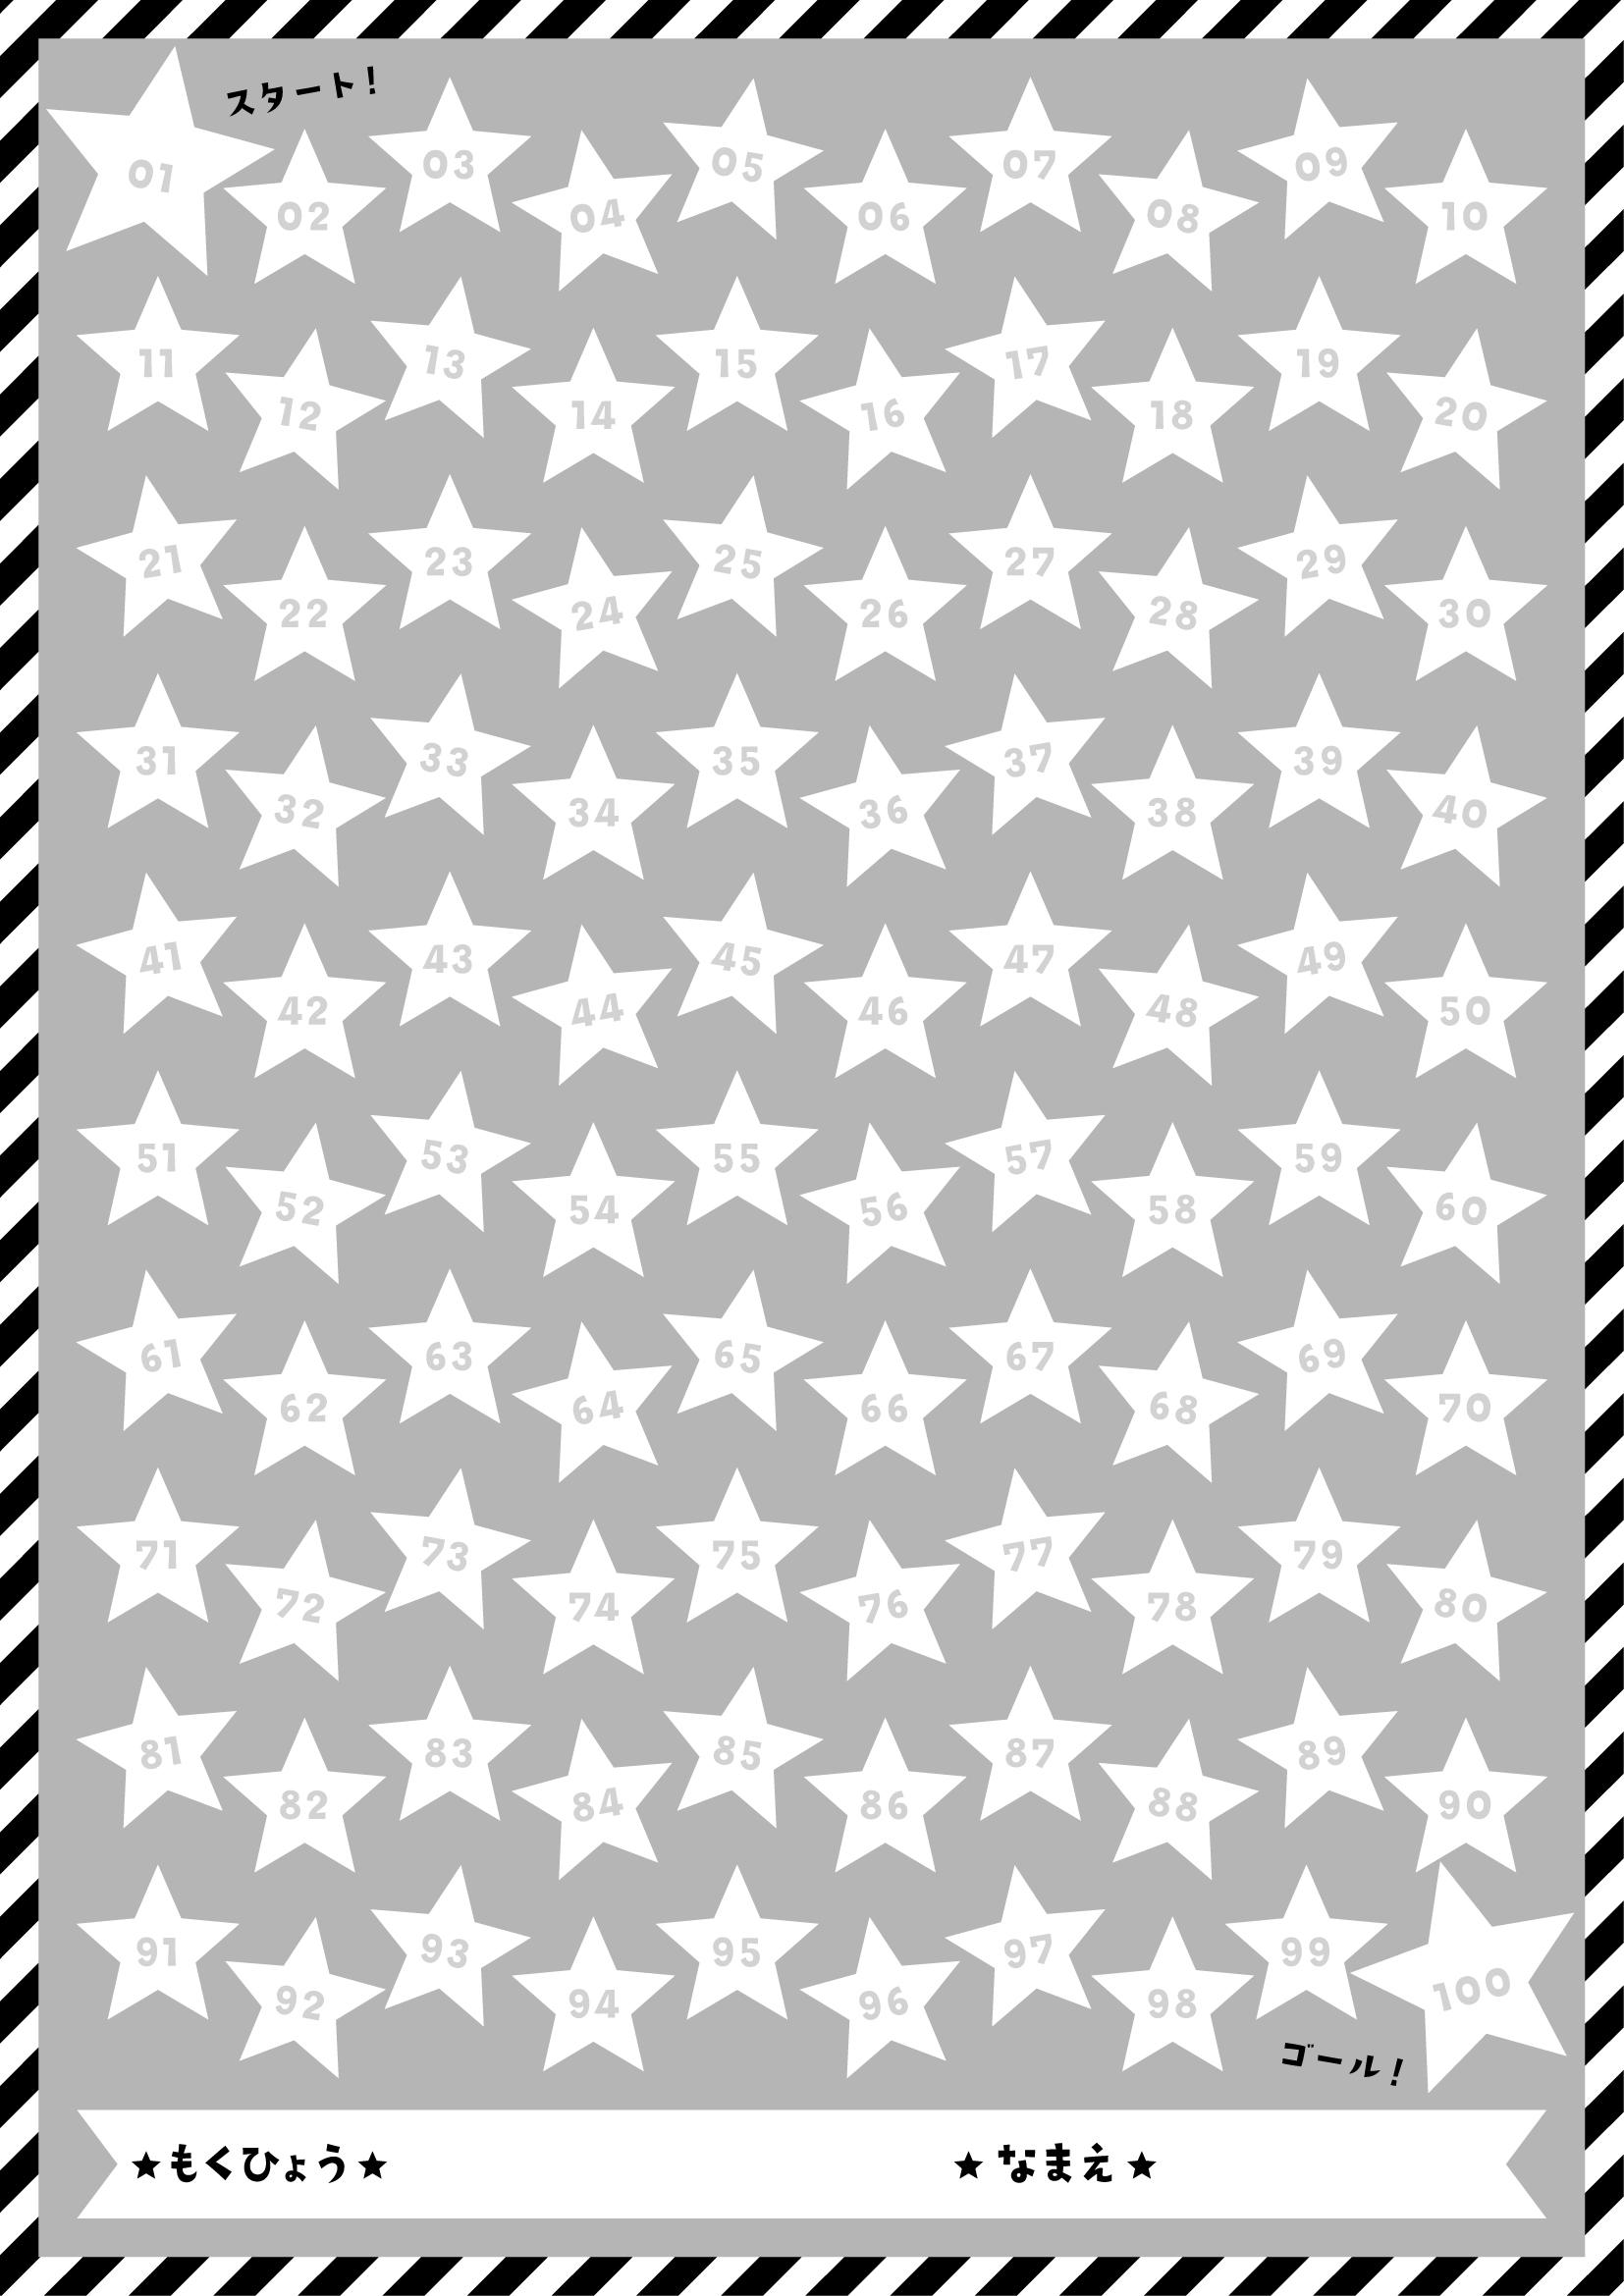 100マス・ごほうびシール台紙「モノトーンお星様」できました! 分別シールデザイン|おしゃれなゴミ分別シール